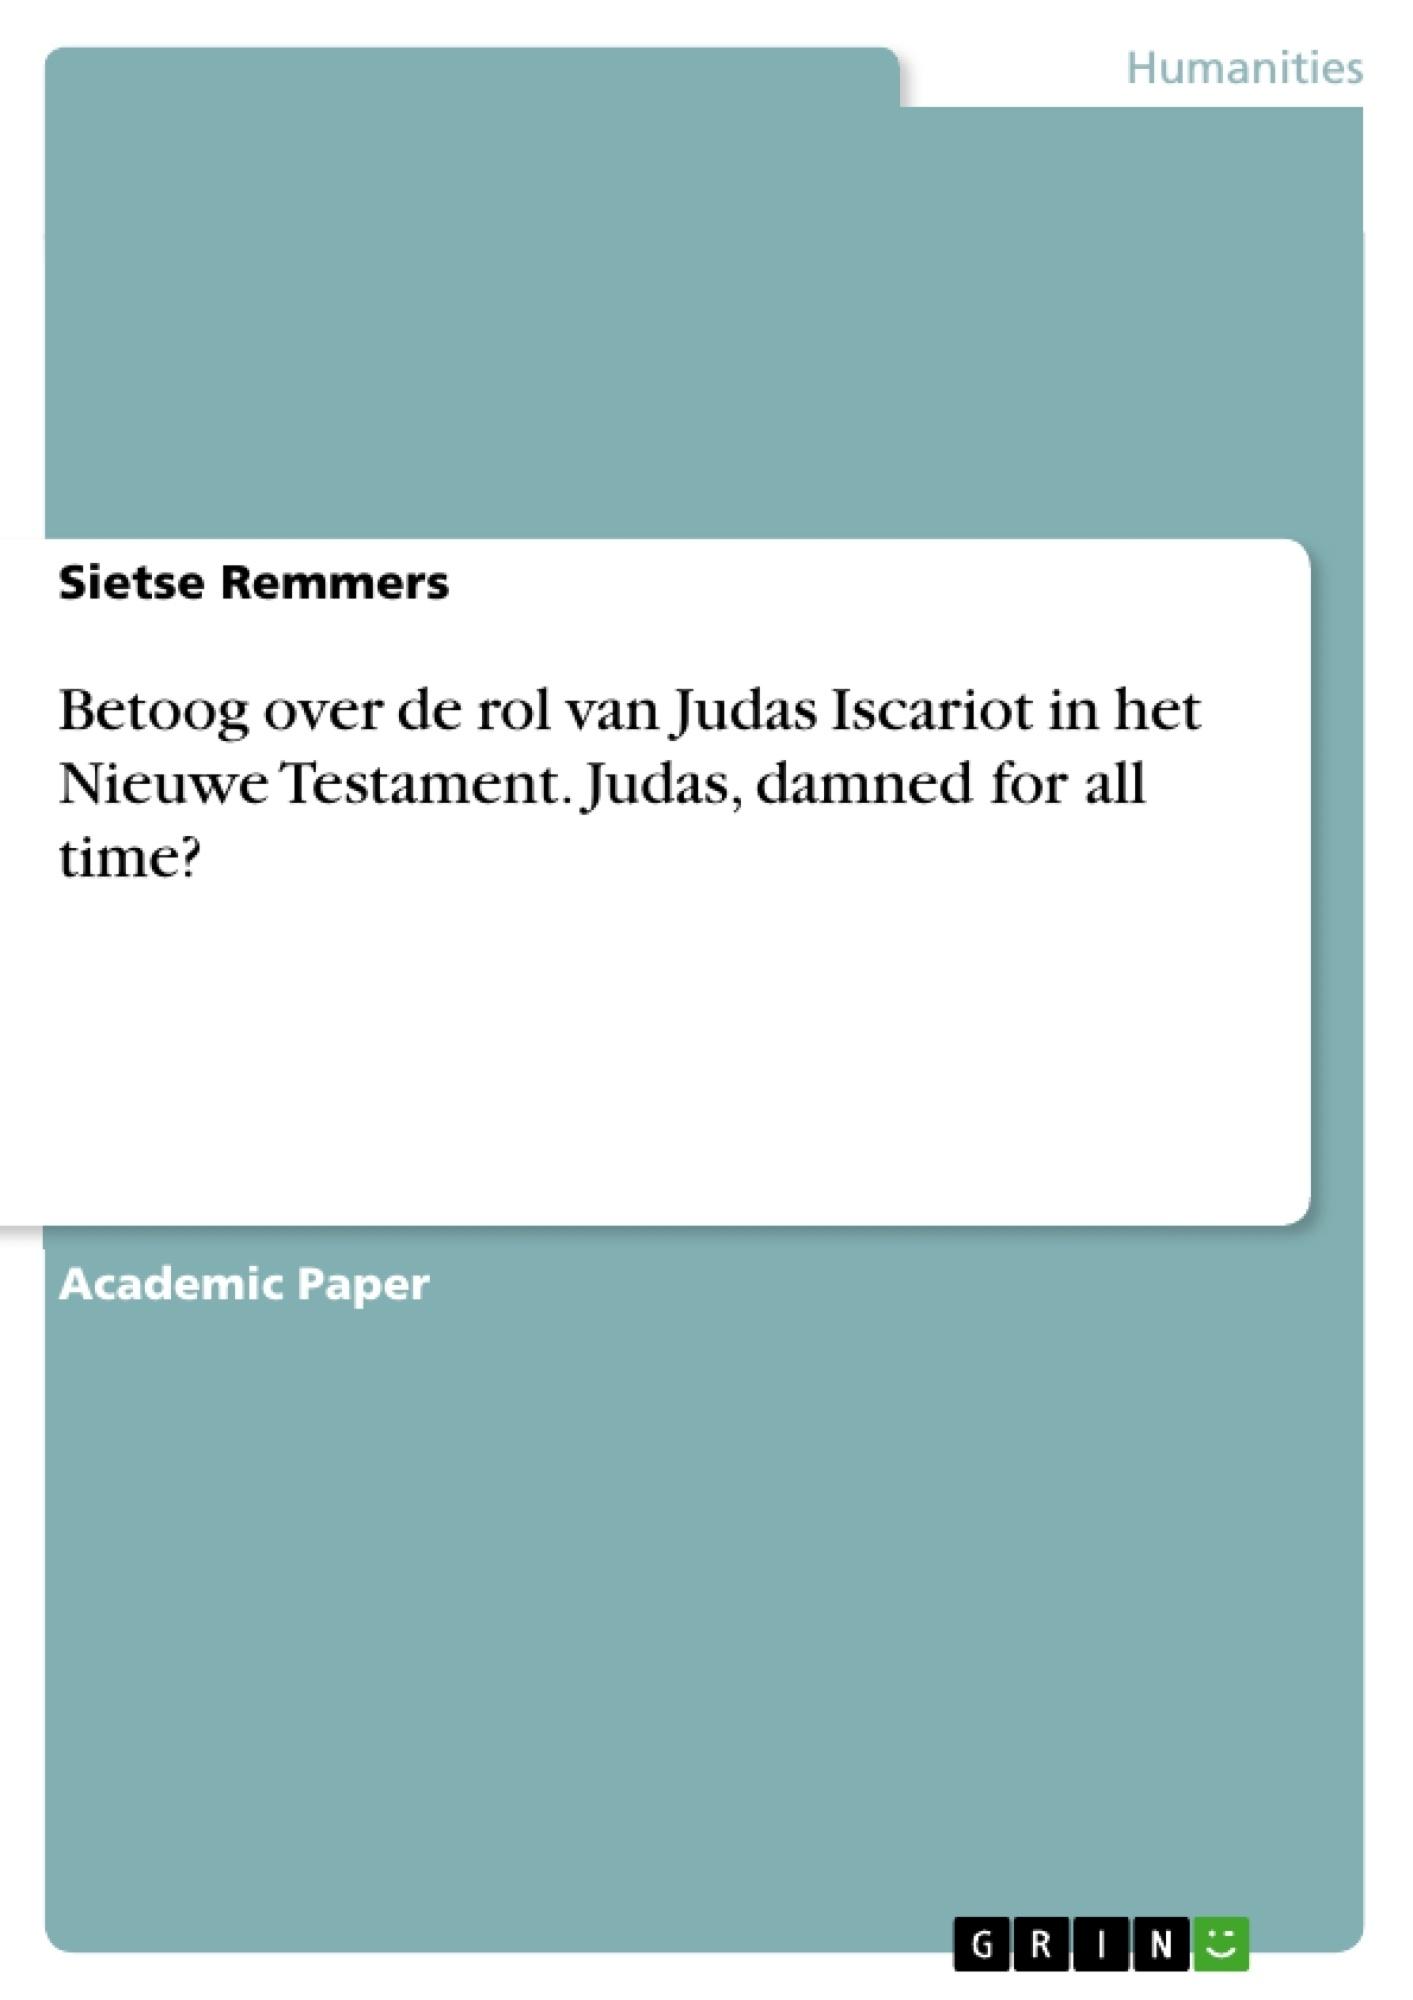 Title: Betoog over de rol van Judas Iscariot in het Nieuwe Testament. Judas, damned for all time?